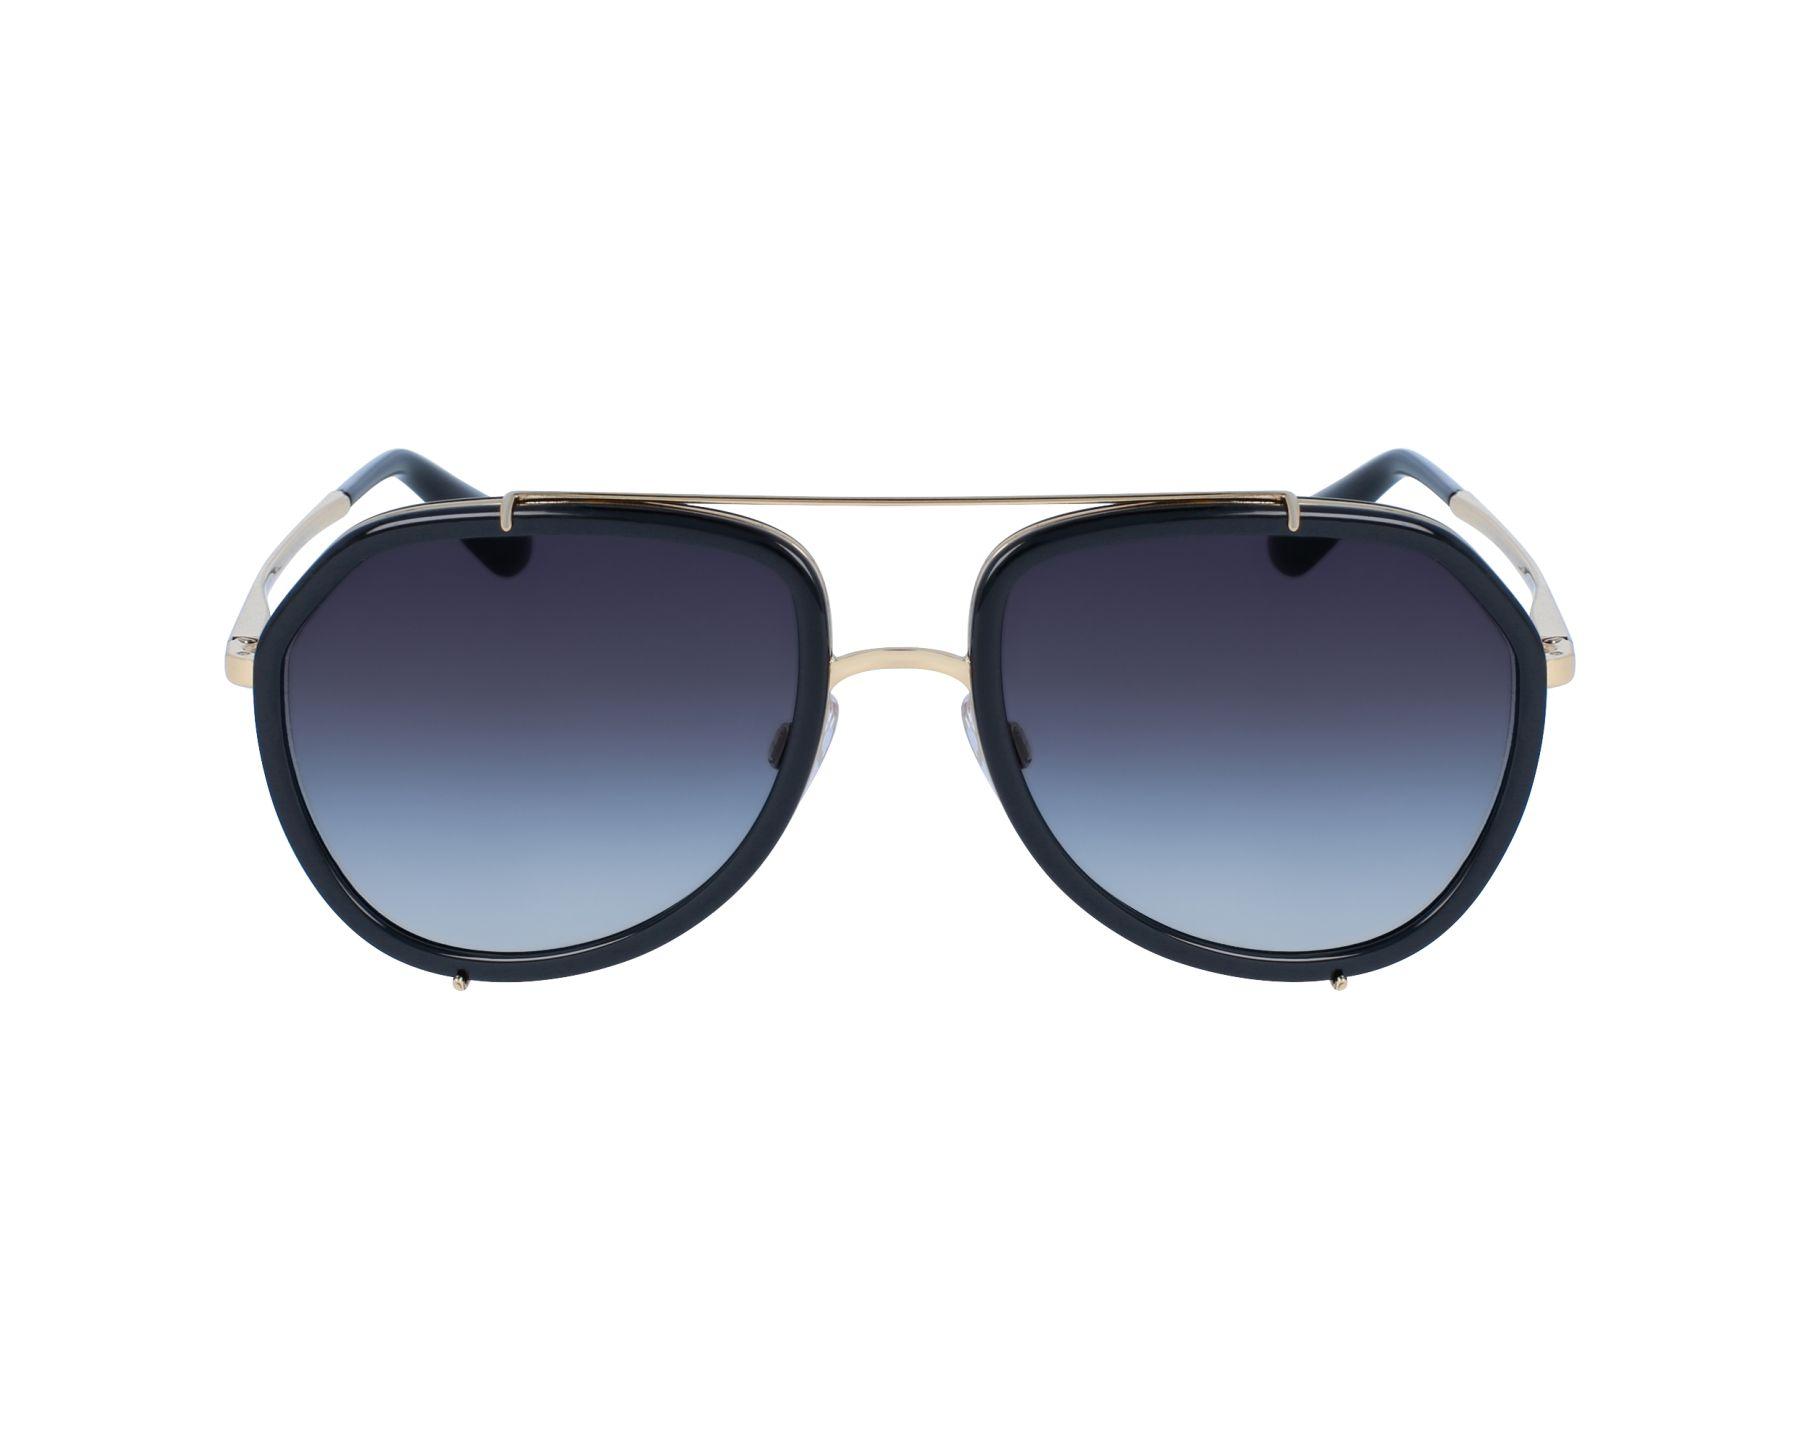 DOLCE & GABBANA Dolce & Gabbana Sonnenbrille » DG2161«, schwarz, 02/8G - schwarz/grau